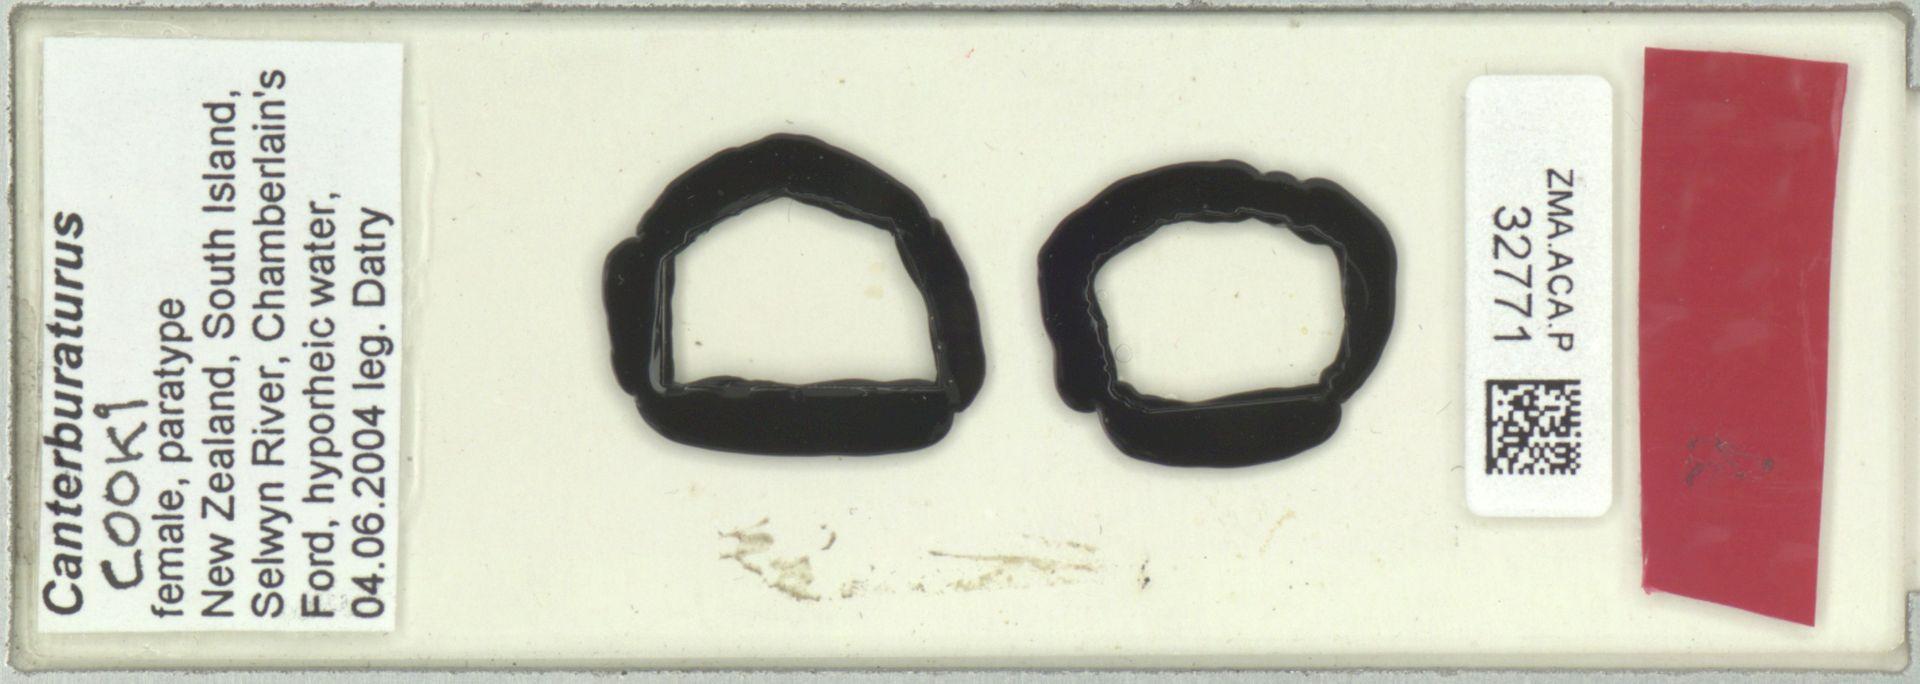 ZMA.ACA.P.32771 | Canterburaturus cooki Pesic & Smit, 2010